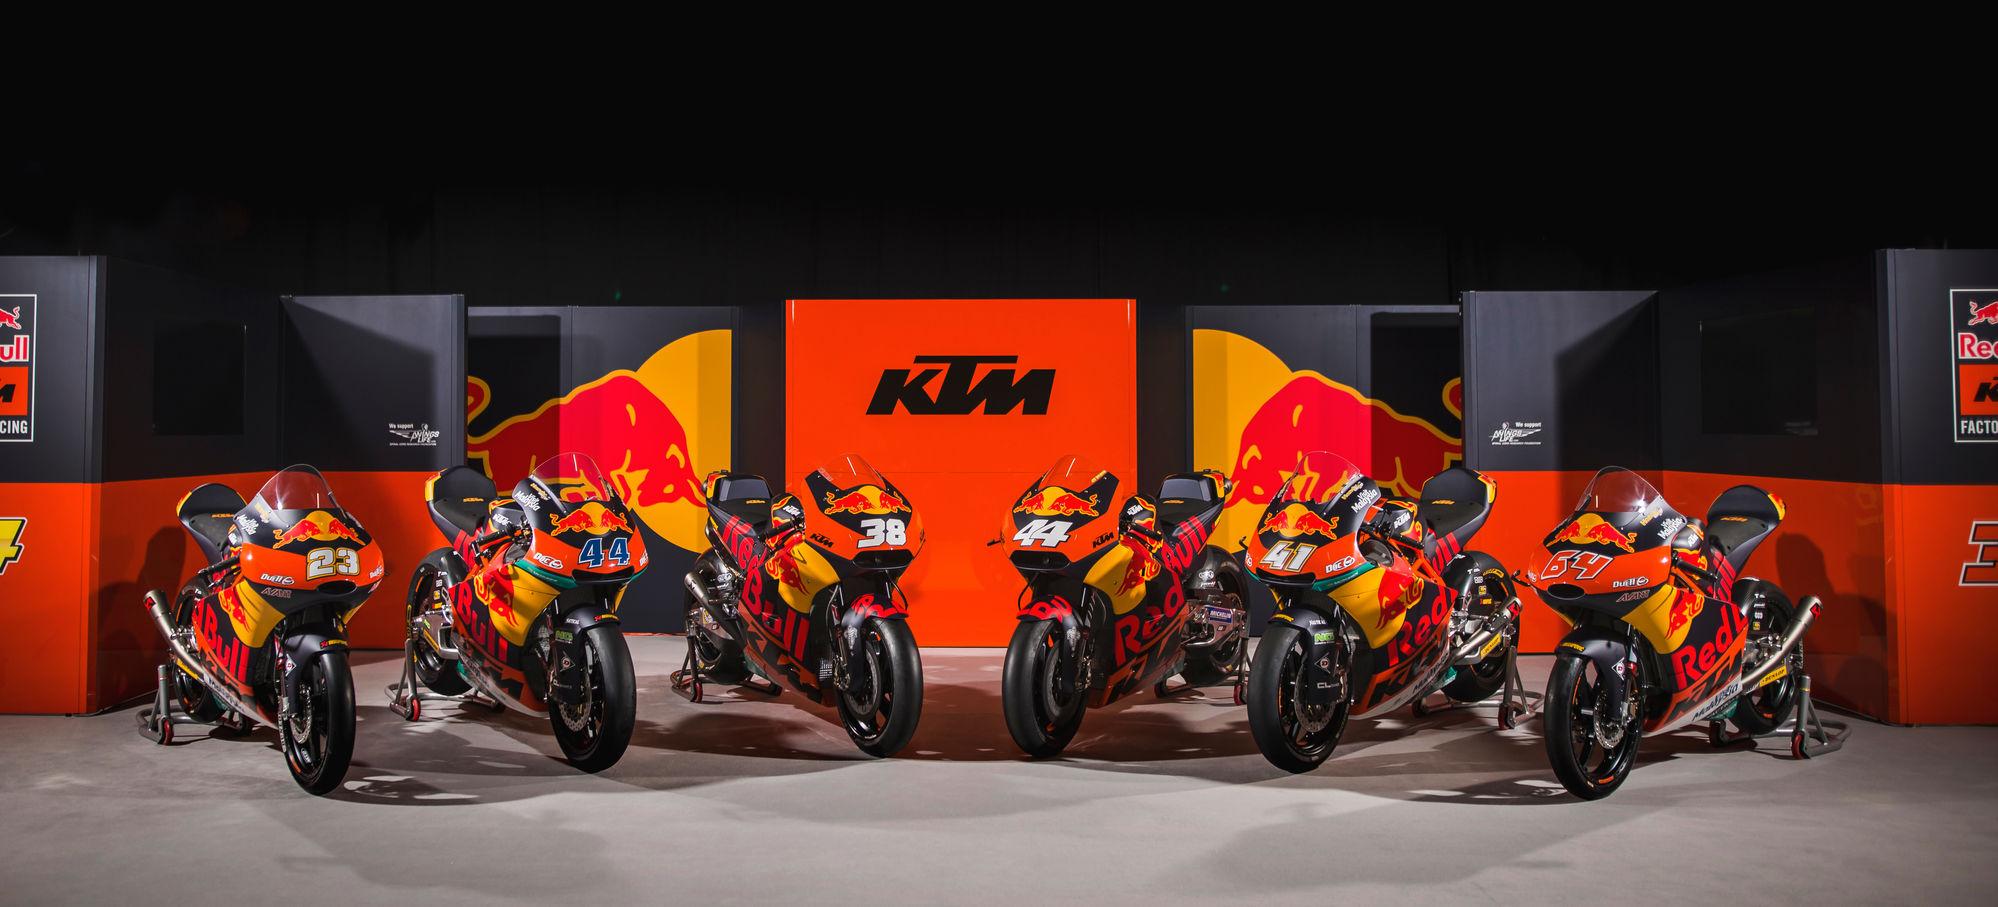 KTM VIP PACKAGE: MotoGP 2017 | RIDE KTM